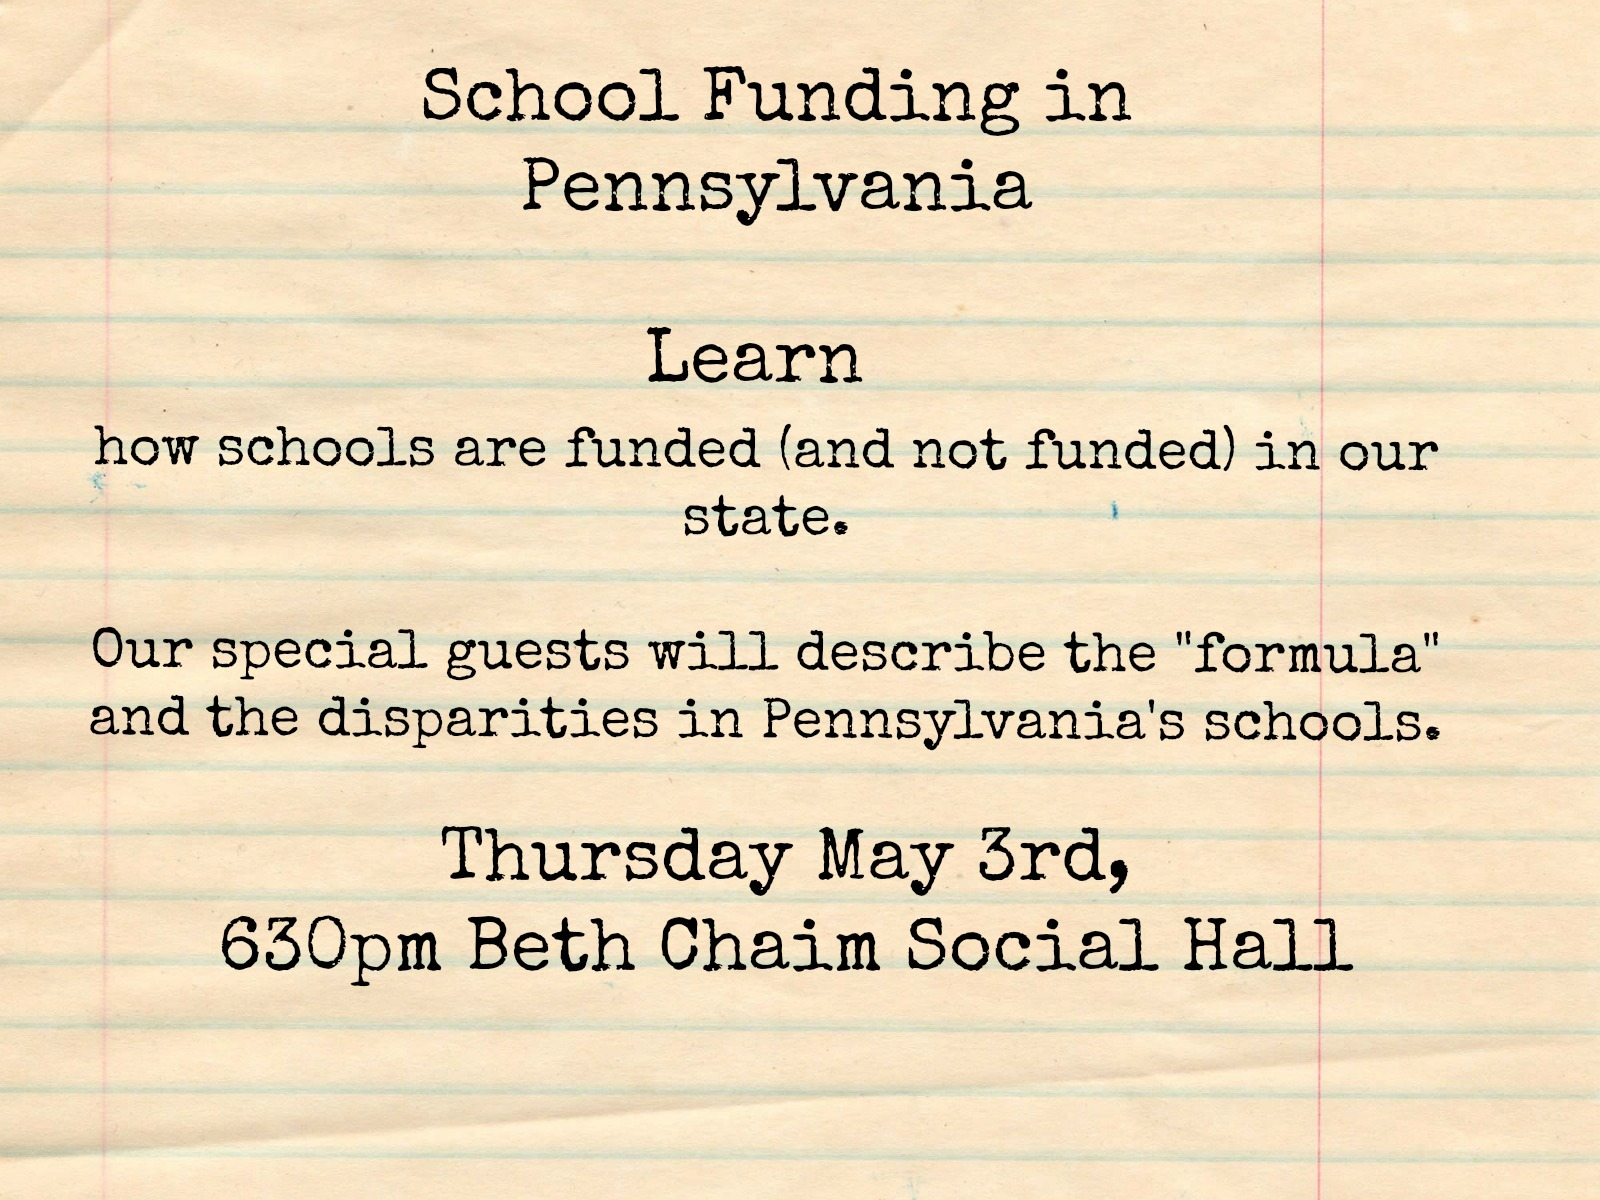 School Funding.jpg